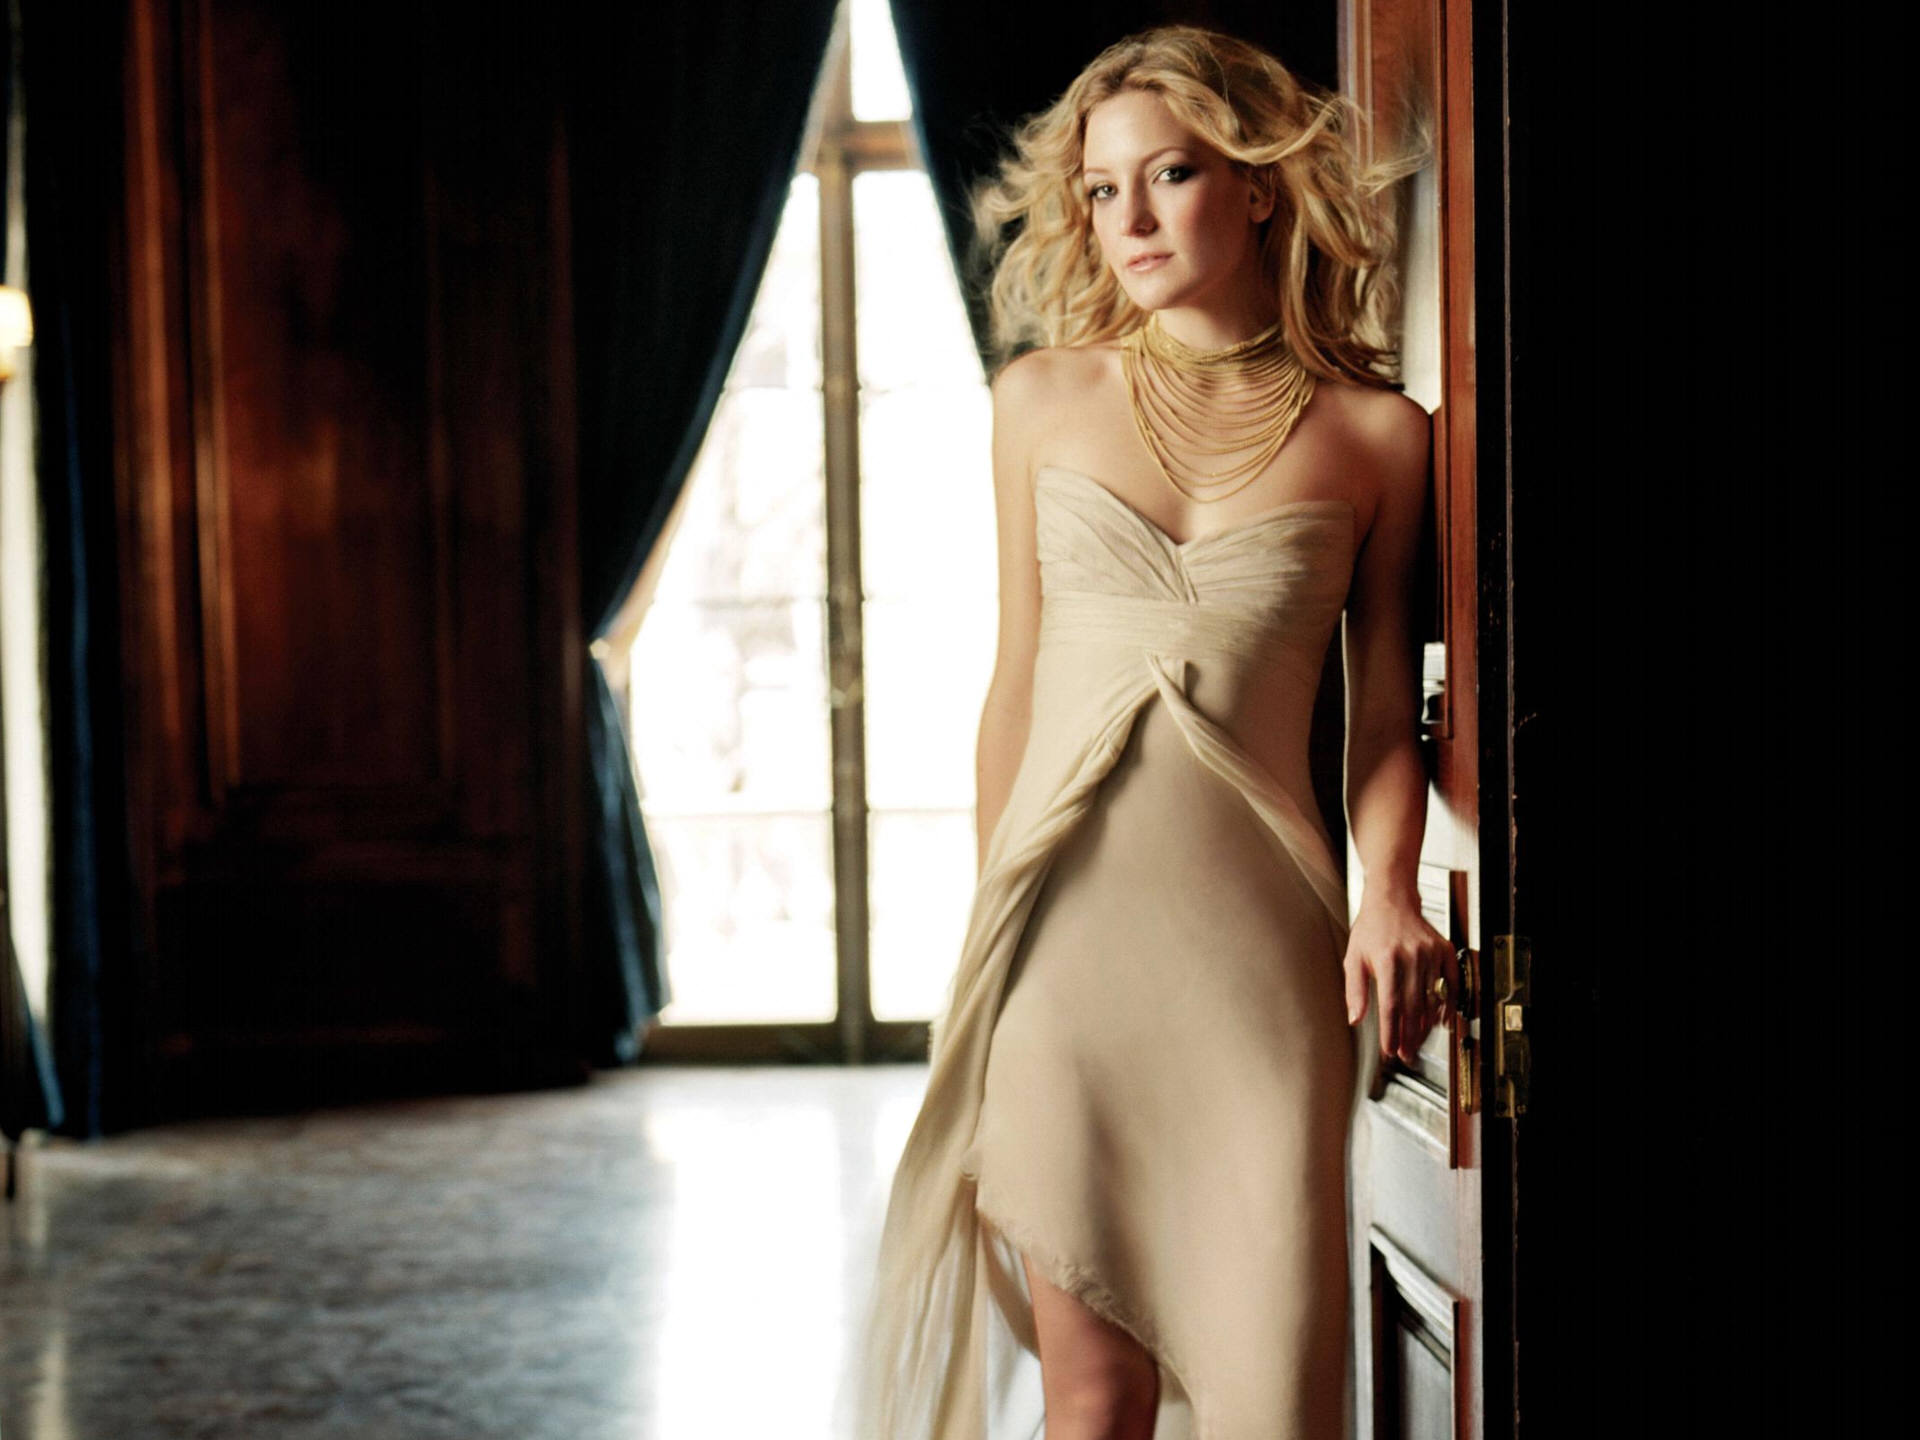 http://www.weesk.com/wallpaper/celebrites-femmes/kate-hudson/kate-hudson-0-kate-hudson-celebrites-femmes.jpg